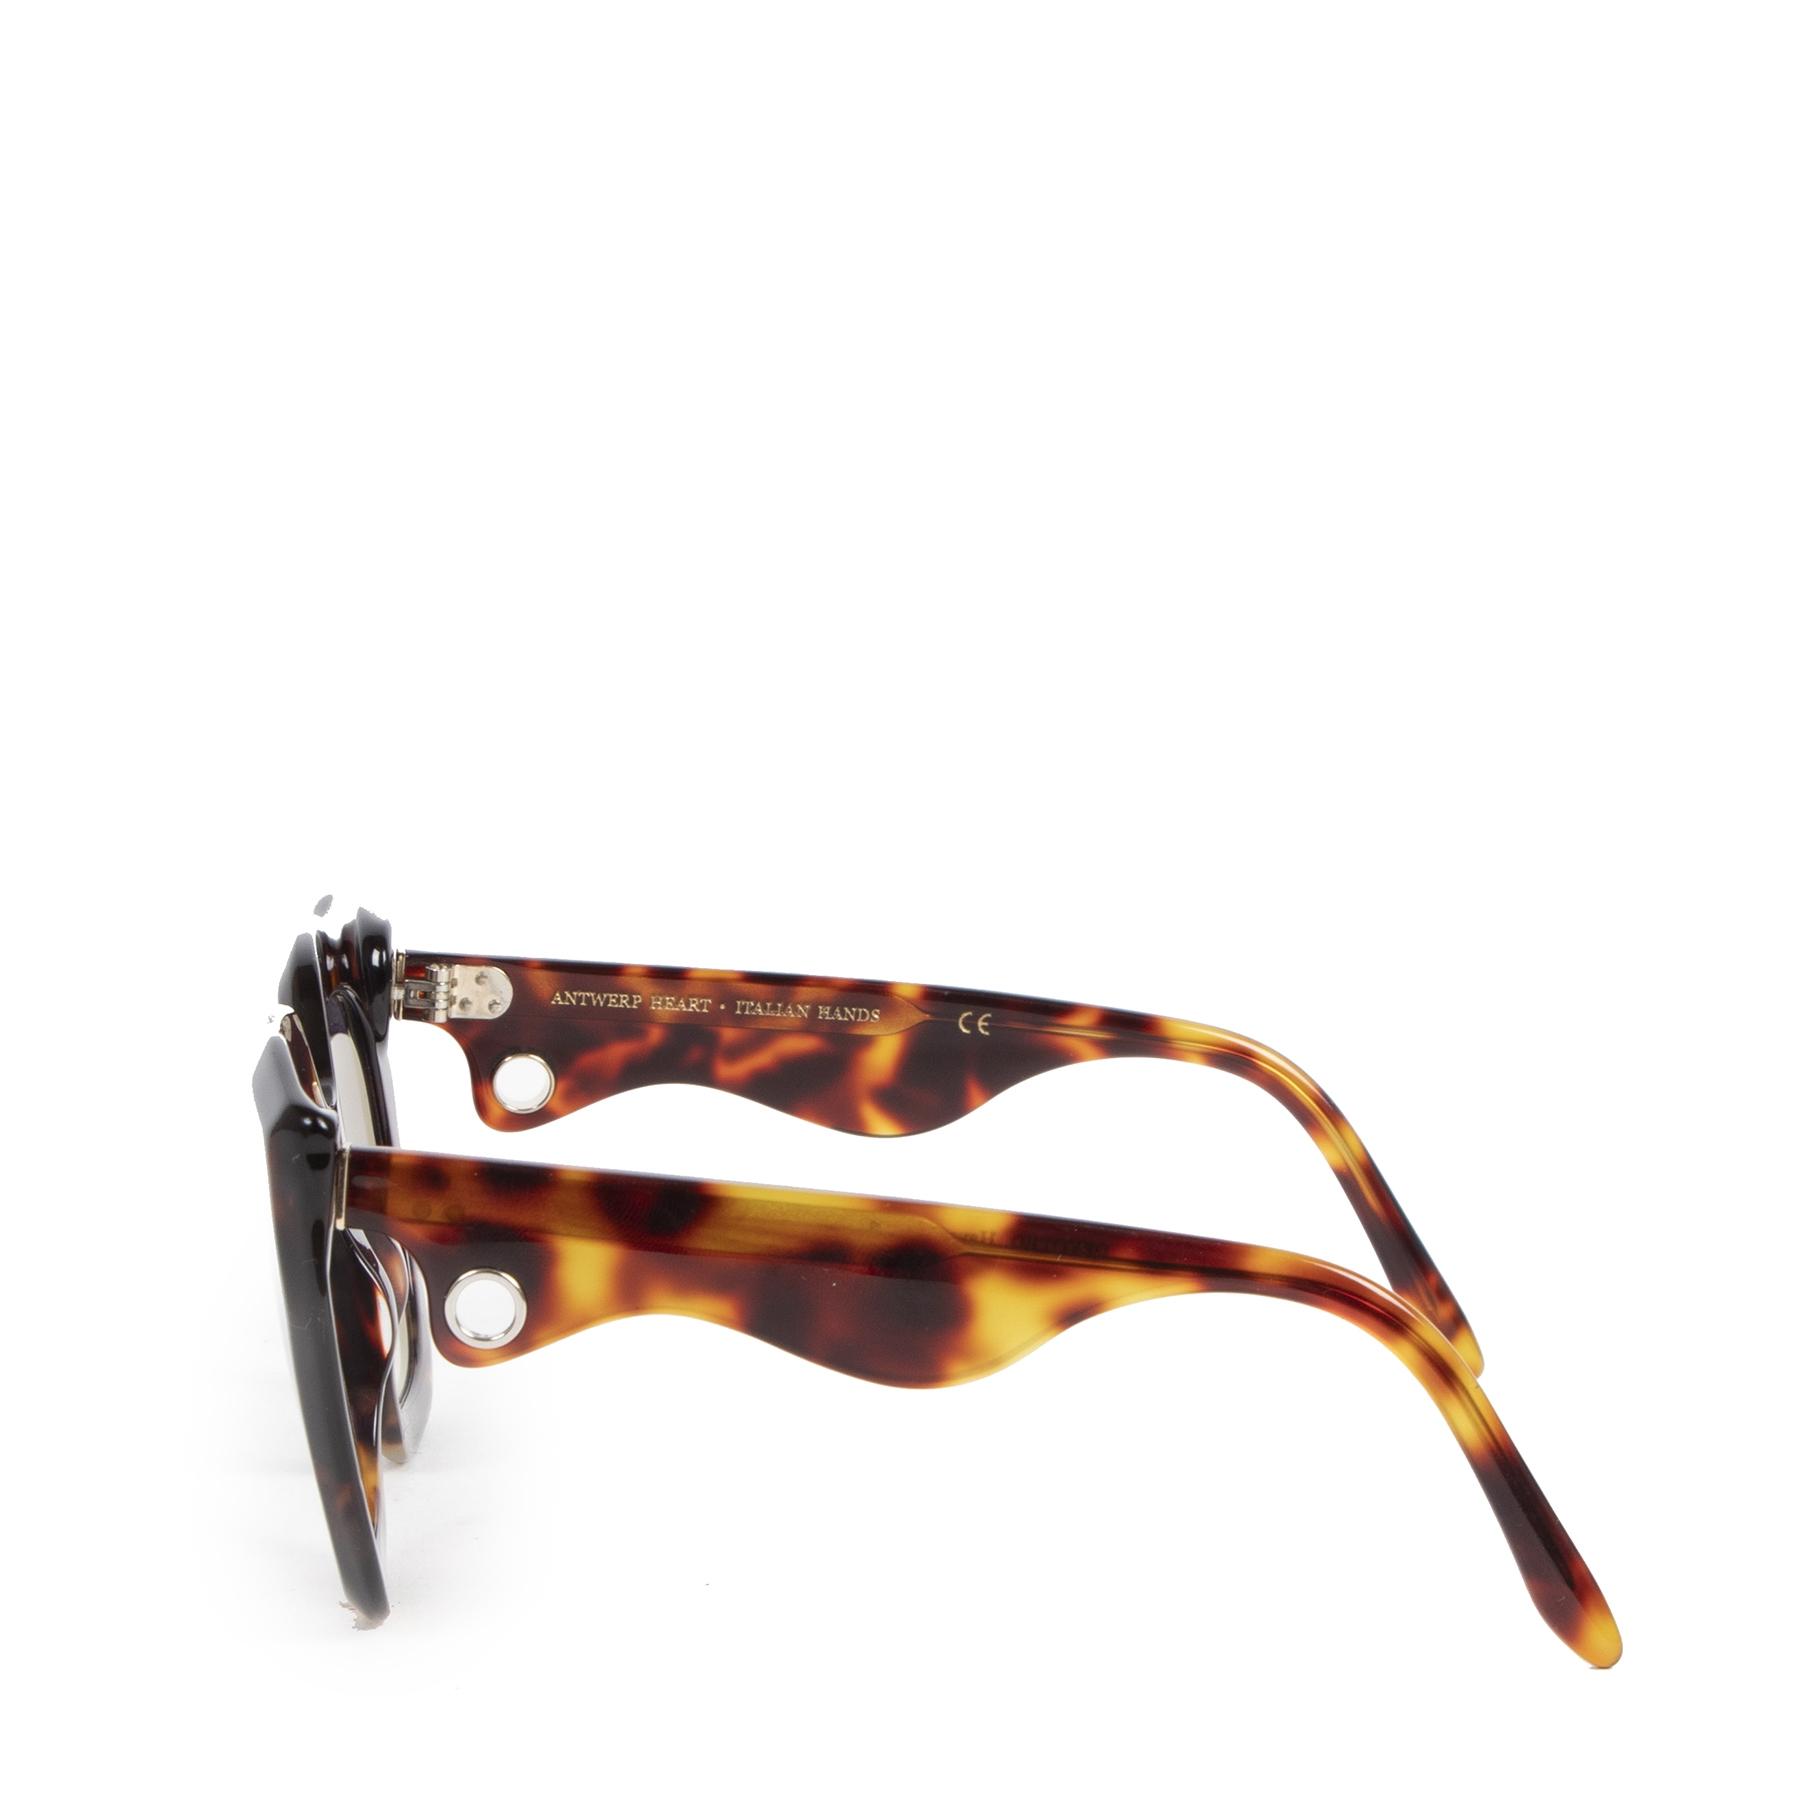 Laurence D'Ari Devoted Havana Twice Sunglasses pour le meilleur prix chez Labellov à Anvers